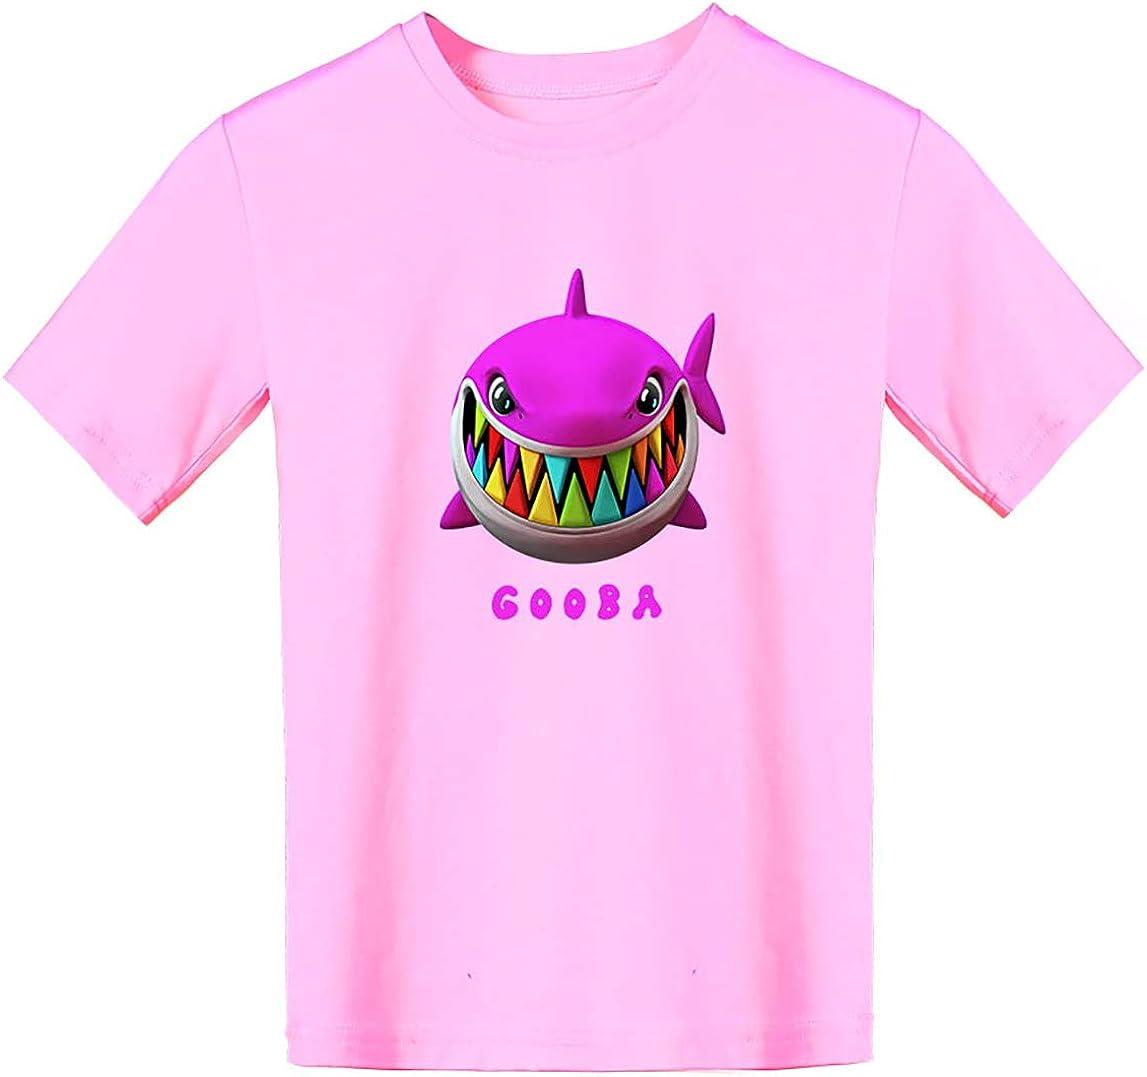 Silver Basic Tee-Shirt Gar/çon Rapper 6ix9ine V/êtement Parent B/éb/é Polo Personnalis/é Swag pour Et/é